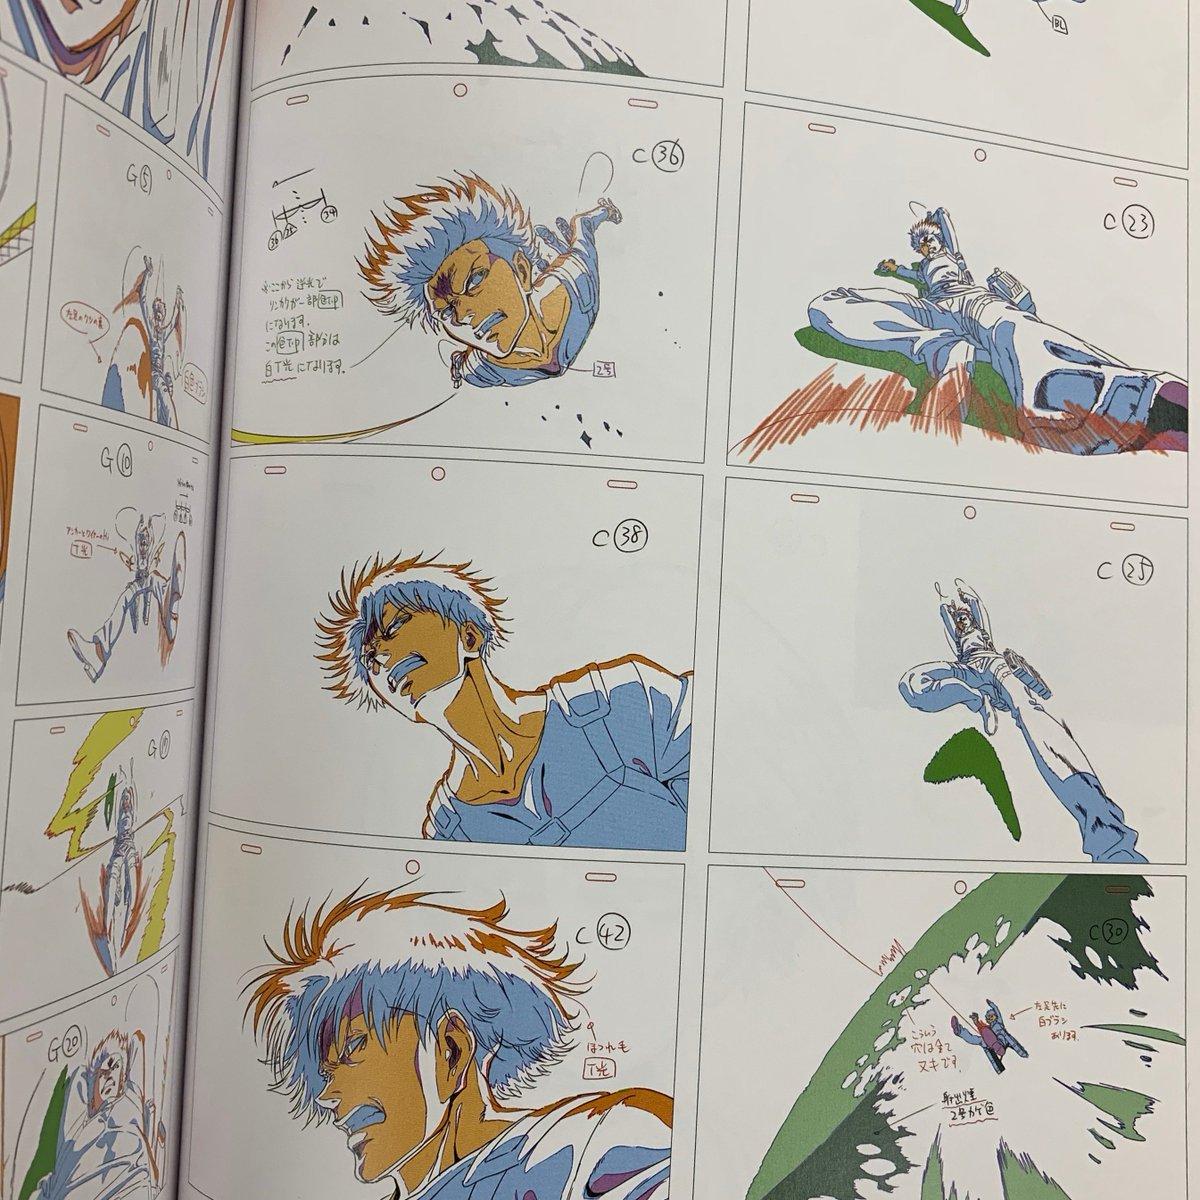 test ツイッターメディア - 『進撃の巨人 Season 3 原画集1』本日発売です🎉  放送時大きな反響を呼んだリヴァイのチェイスシーンをはじめ、38話~49話で描かれた原画を印象的なシーンやキャラクターカットを中心に厳選して収録! 「進撃の巨人 Season 3」制作の軌跡が詰まった1冊、ぜひお手に取ってください📖 #shingeki https://t.co/dIhr6cdC6I